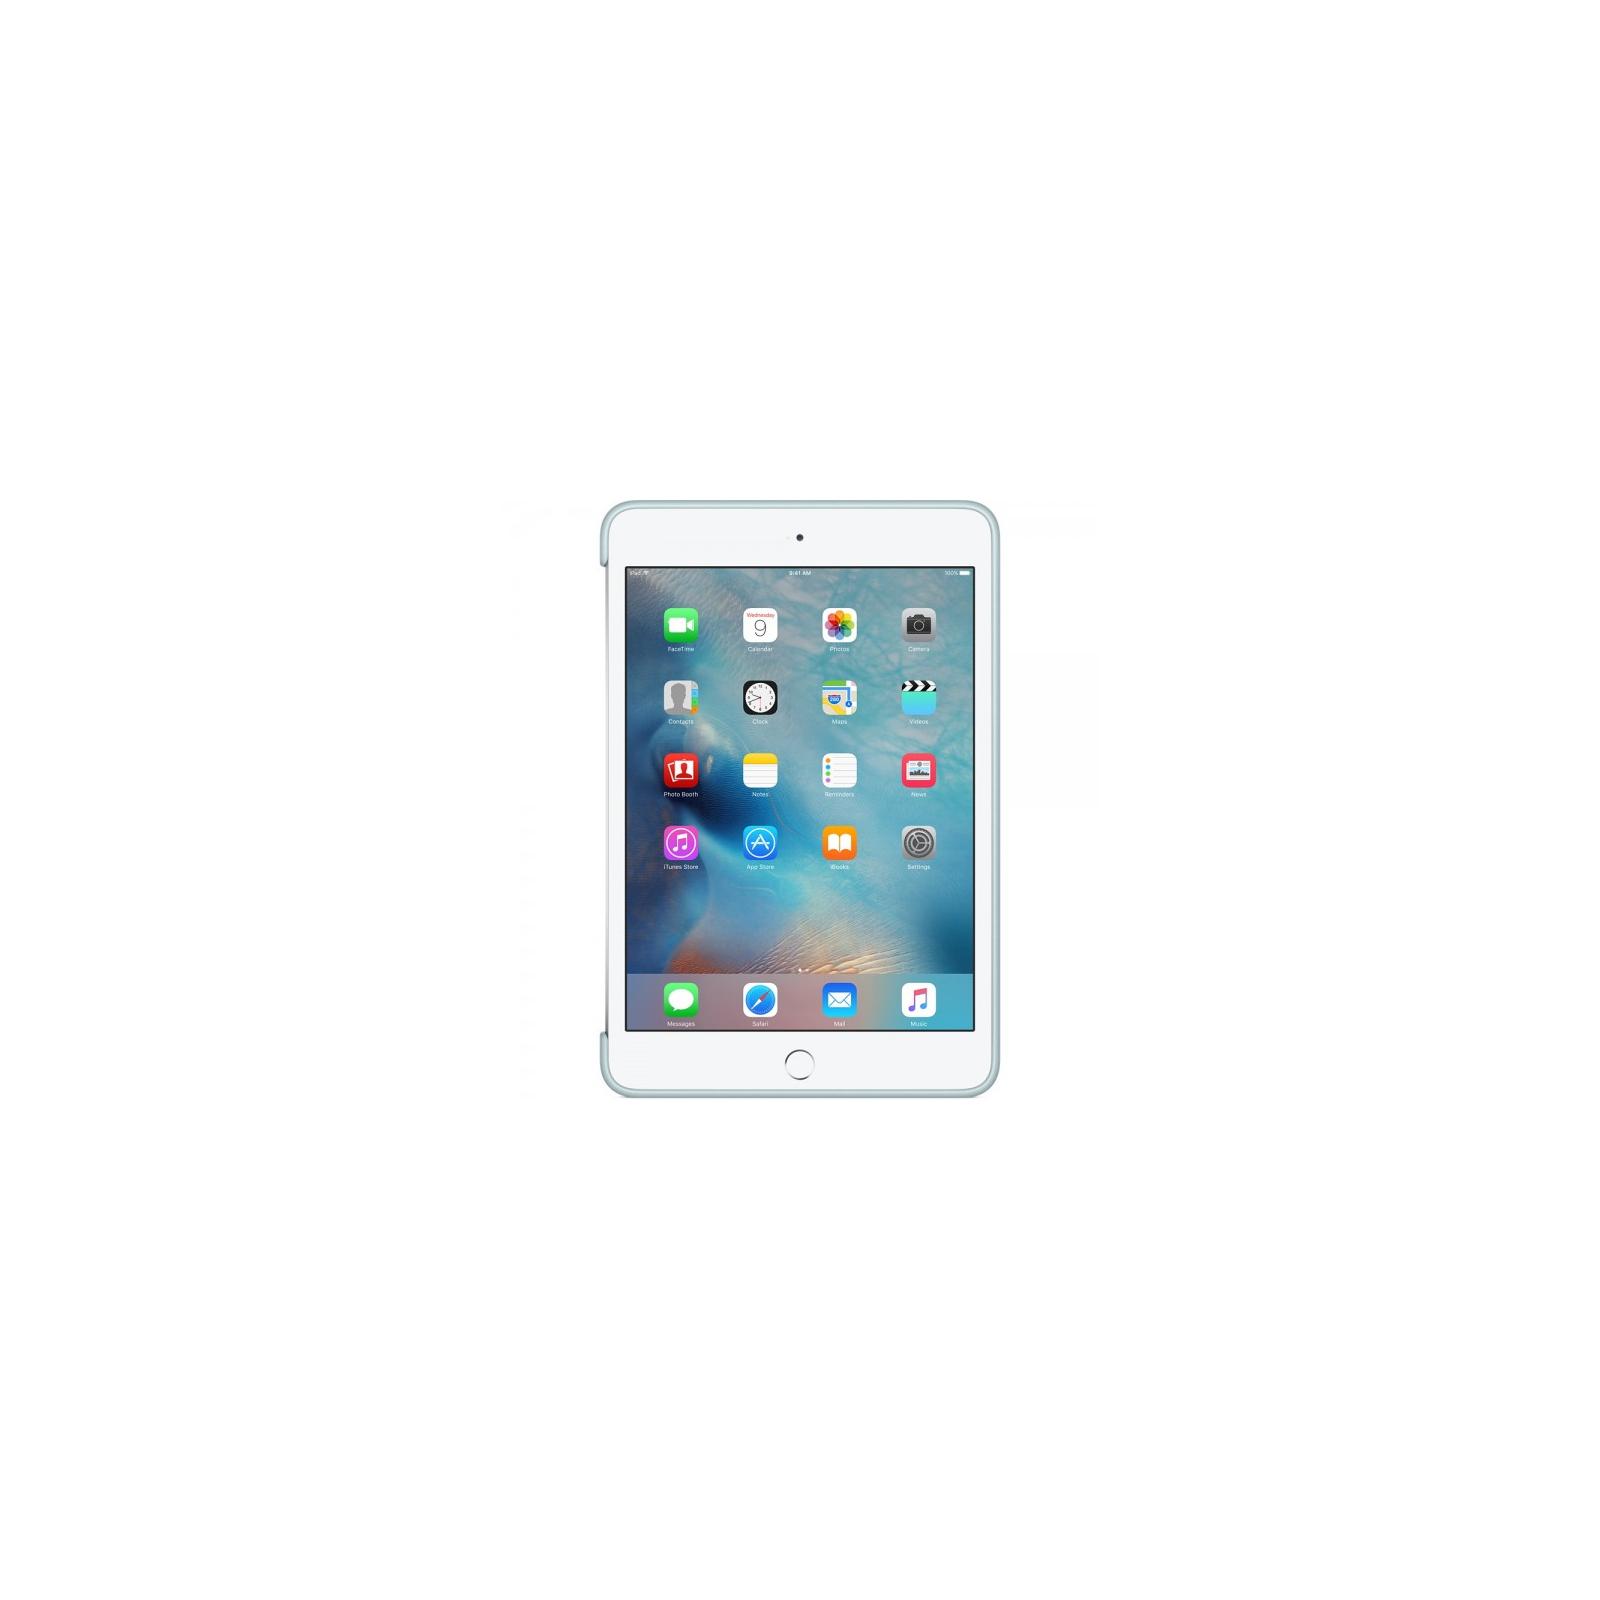 Чехол для планшета Apple iPad mini 4 Turquoise (MLD72ZM/A) изображение 4